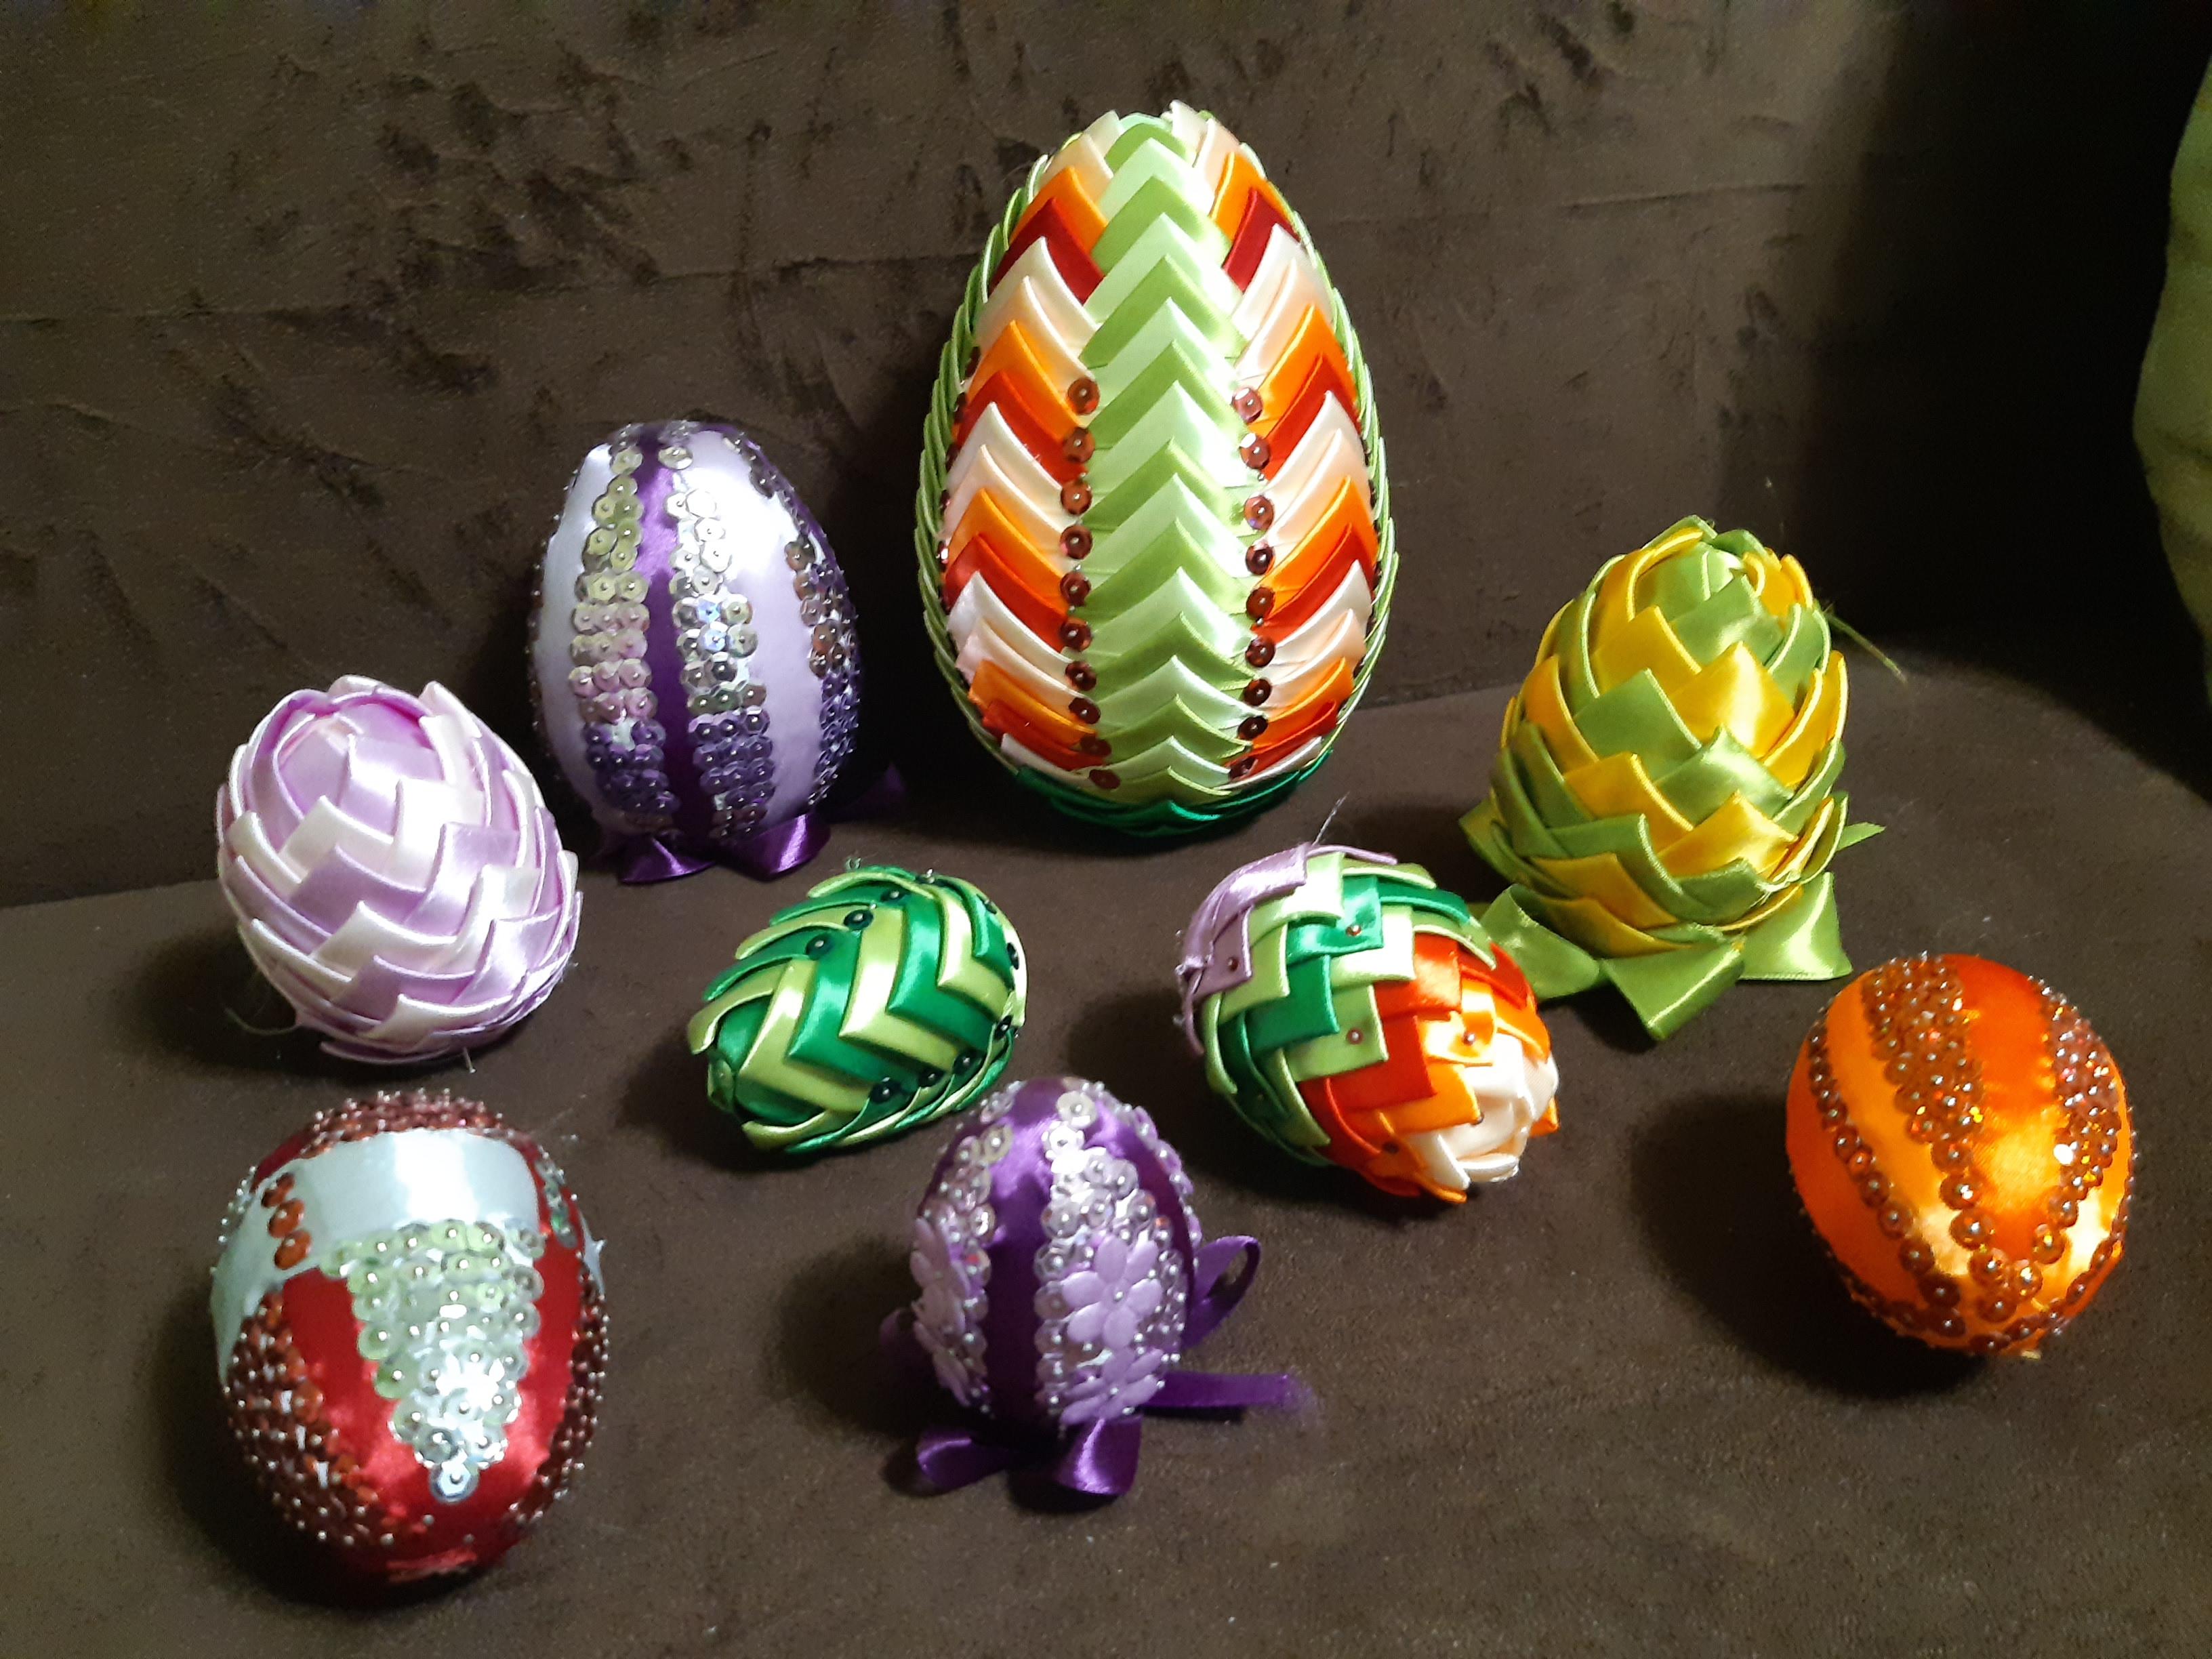 karczochowe jaja.jpg